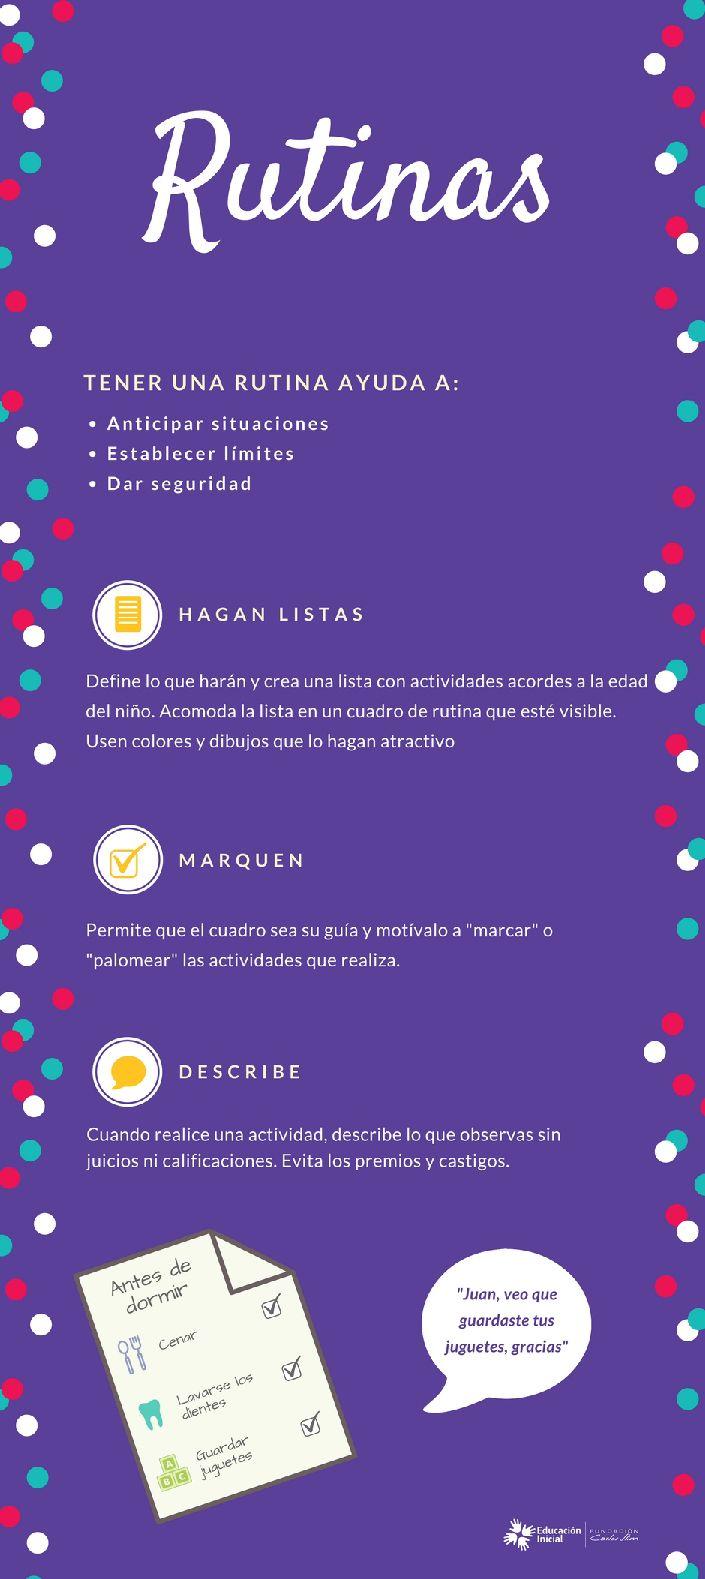 #Rutina #Habitos #Educación #Limites  #PAdres #tips #Madre #Abuelos #EnCasa #EscuelaParaPAdres #PrimerosAños